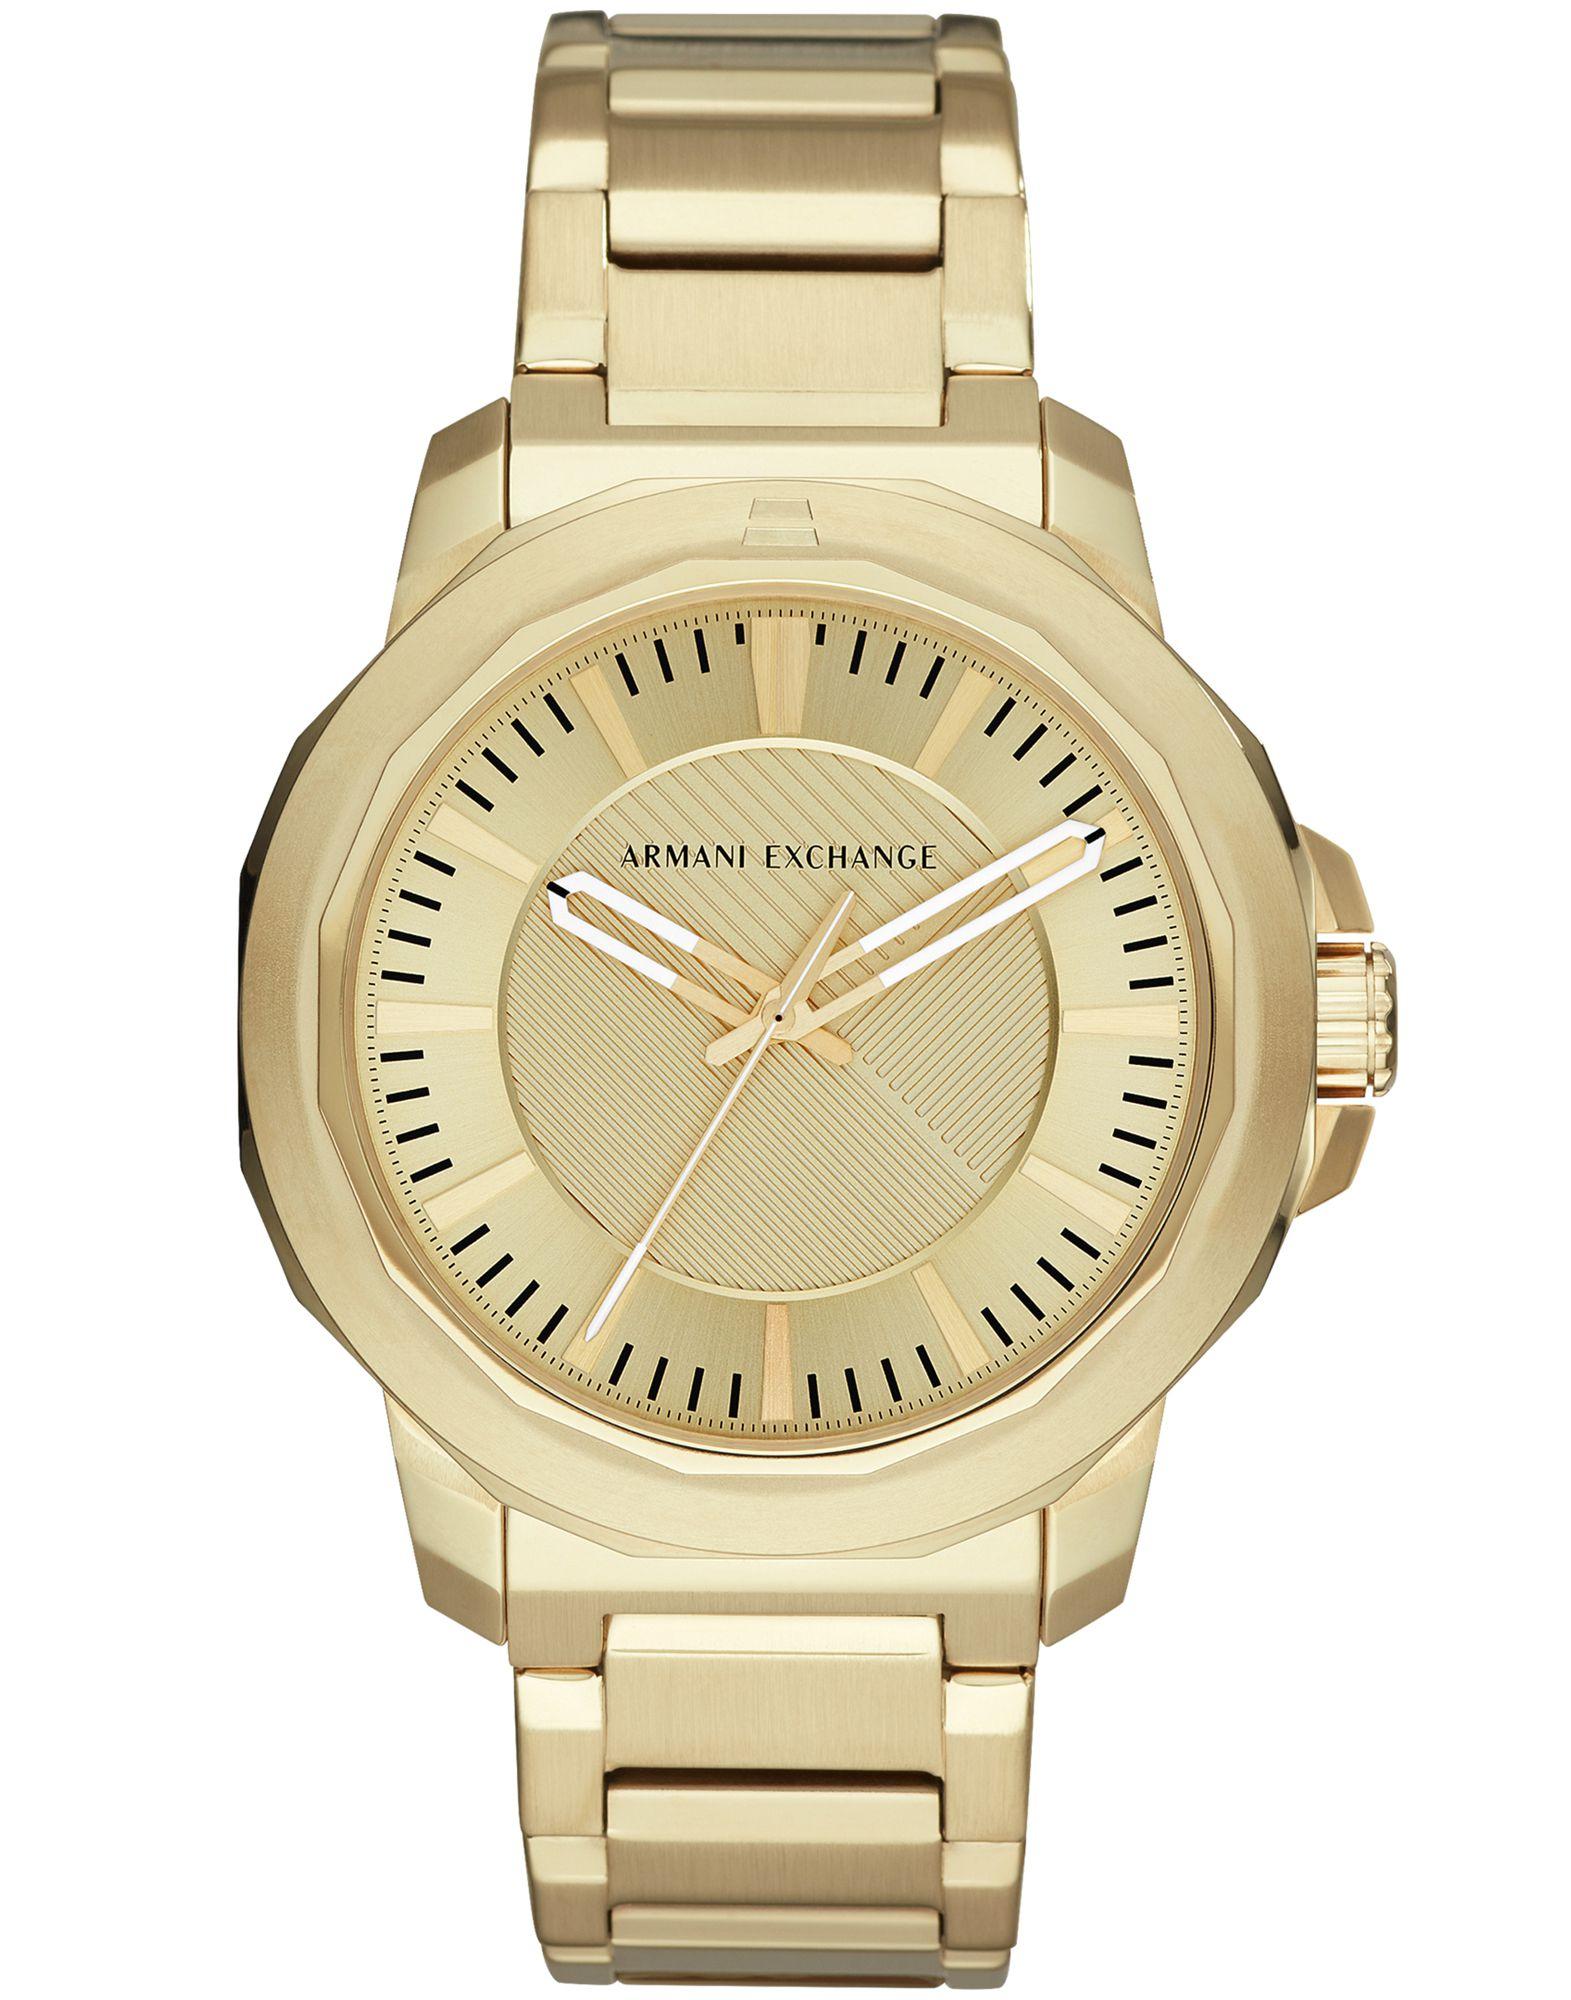 ARMANI EXCHANGE メンズ 腕時計 プラチナ ステンレススチール